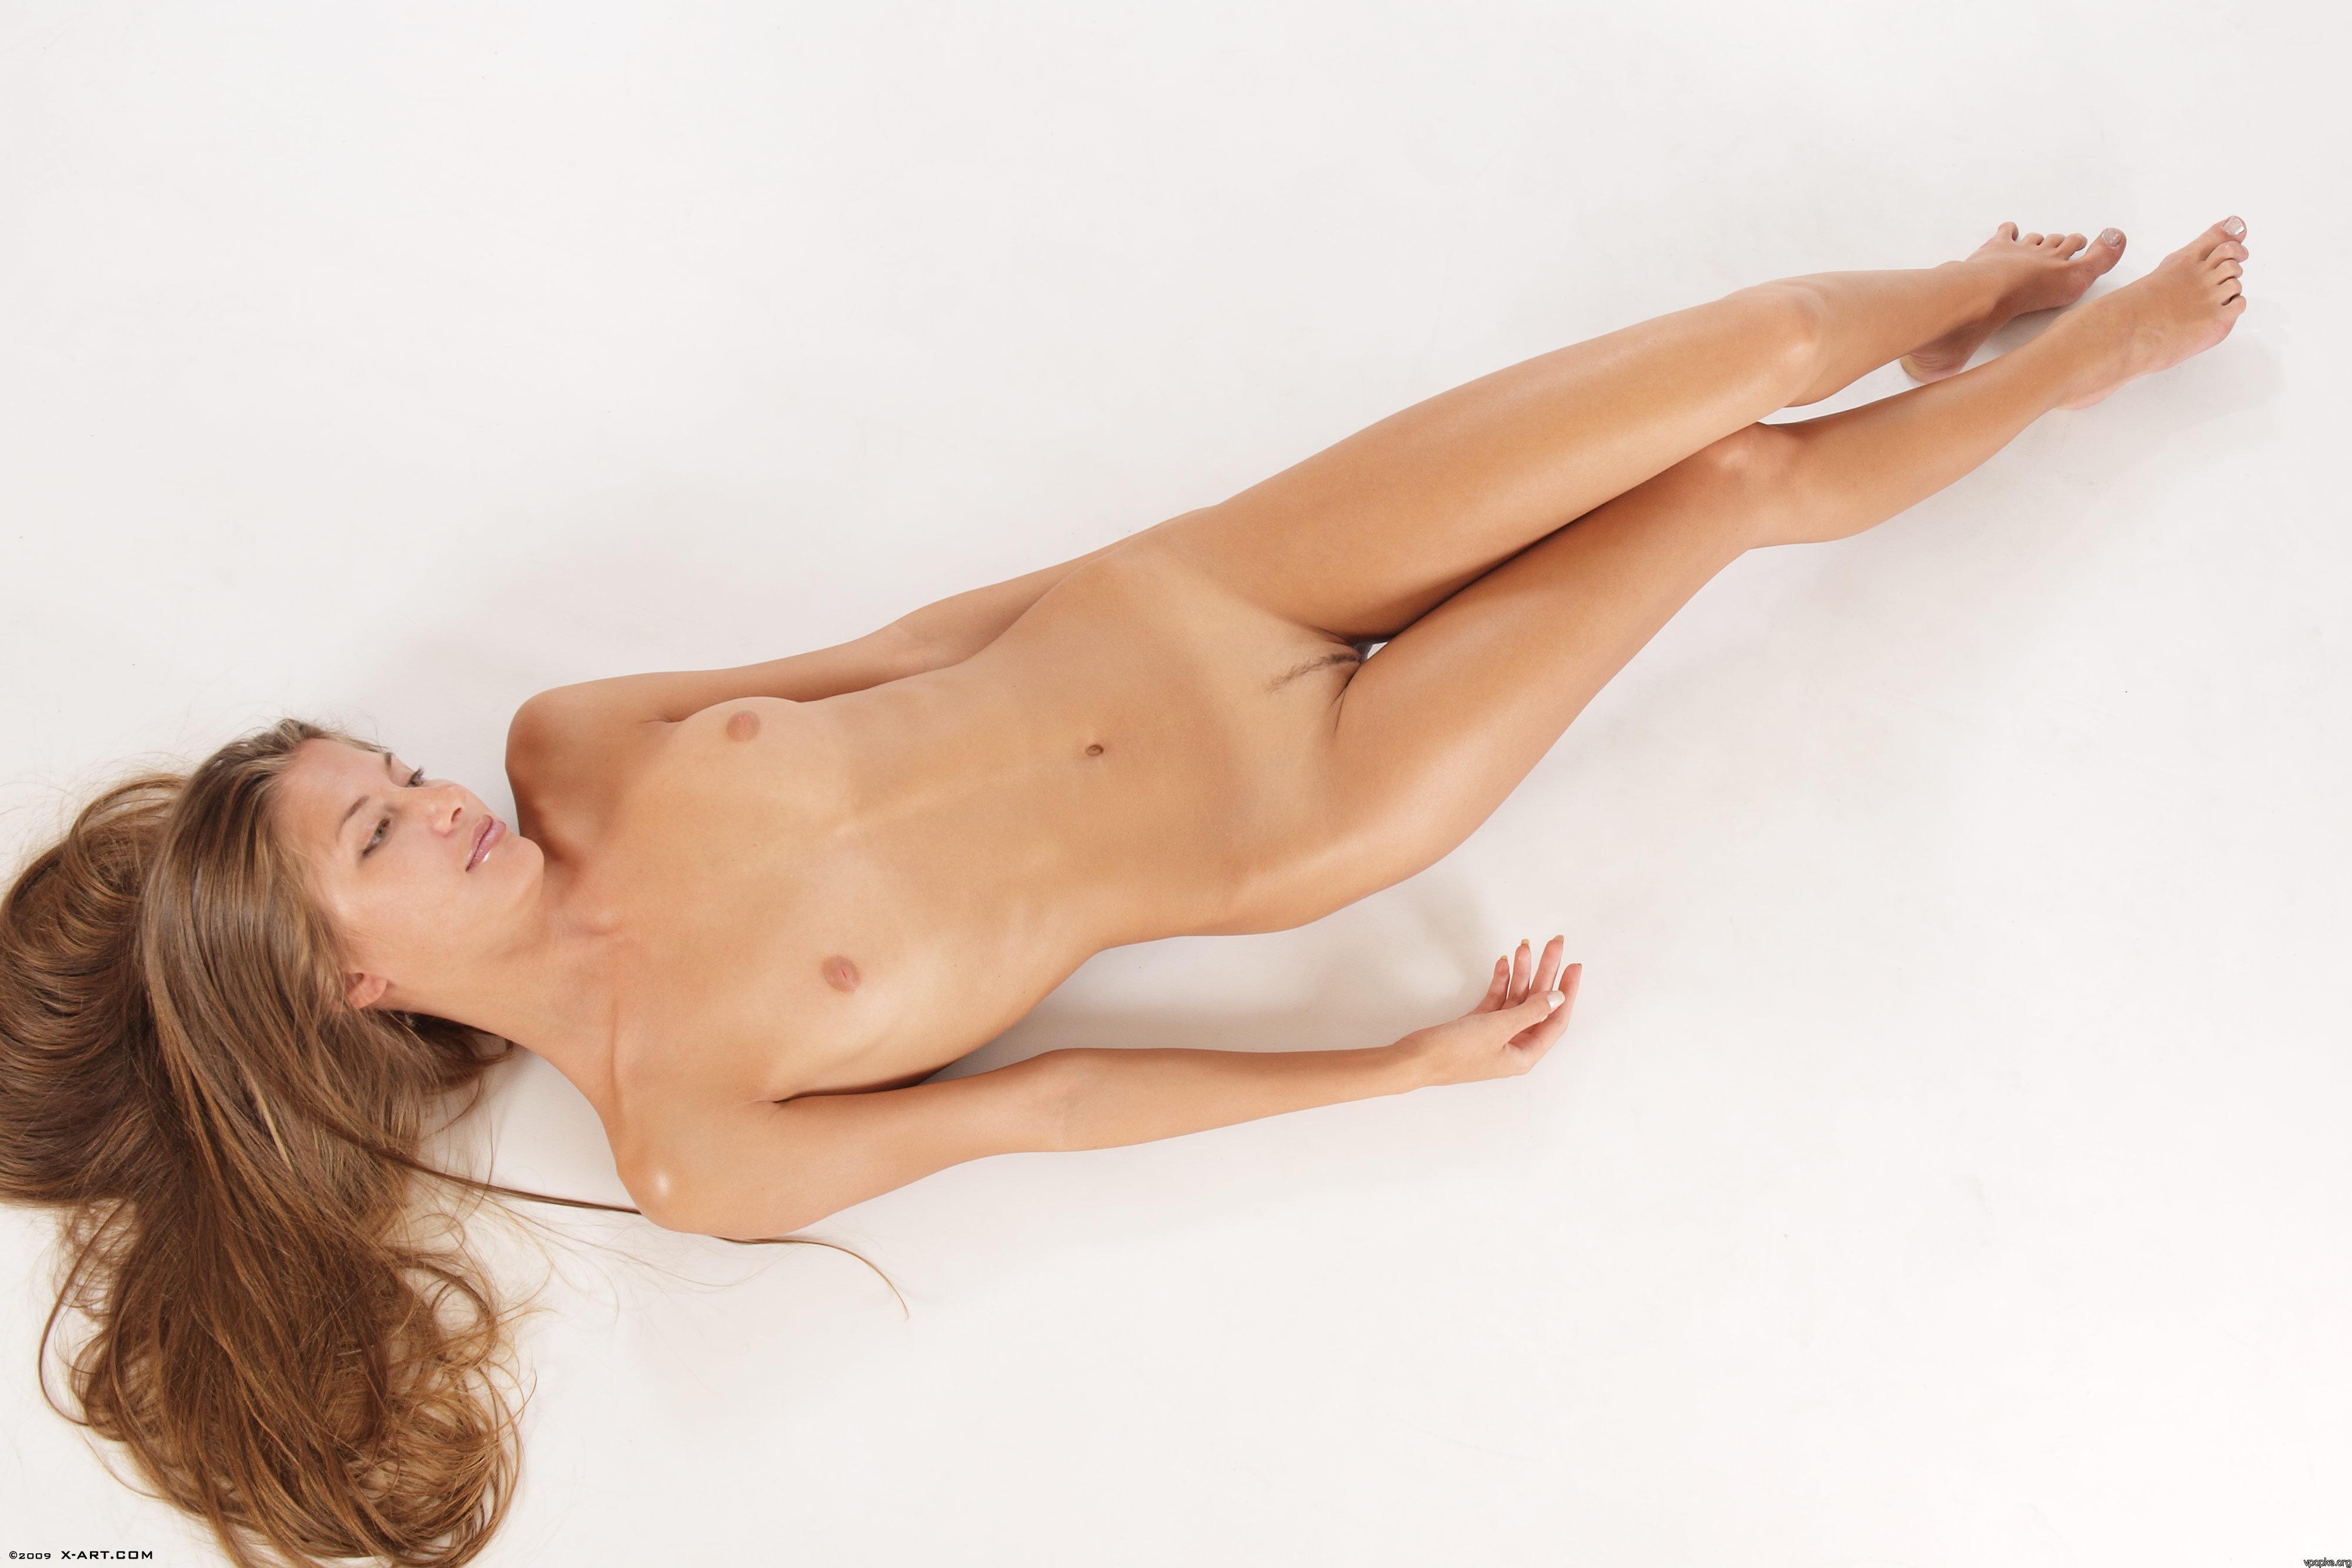 Фото молодых женщин с обвисшей грудью 17 фотография